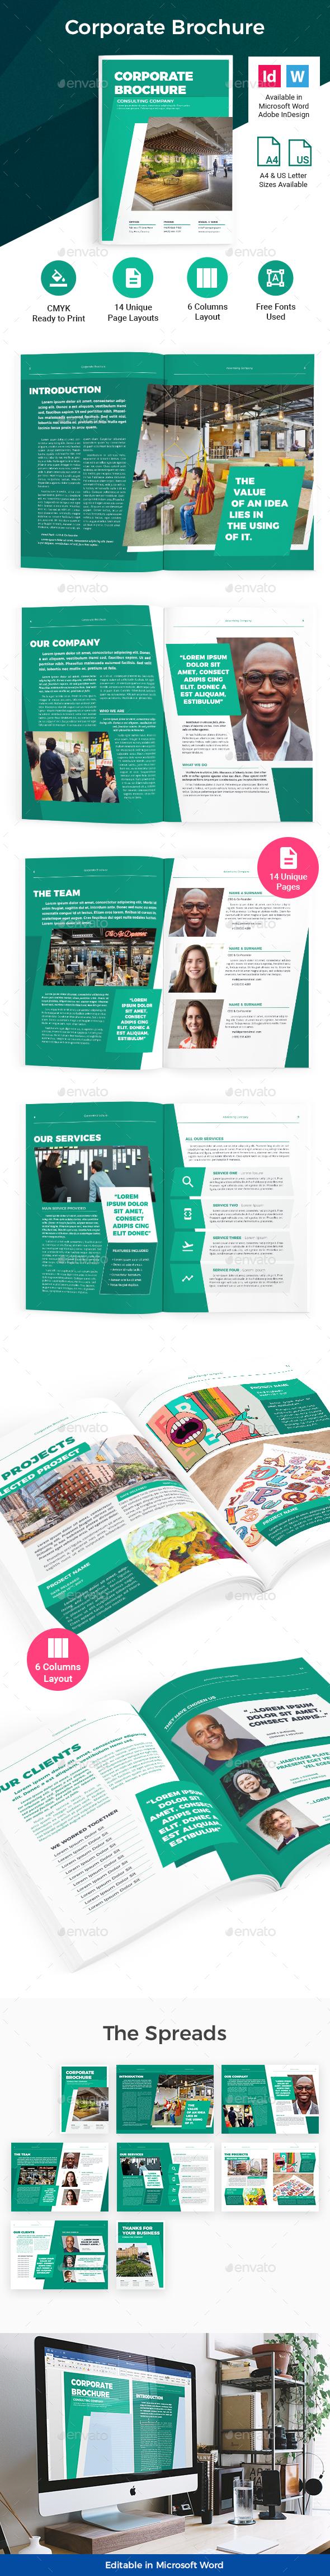 Corporate Brochure - Corporate Brochures